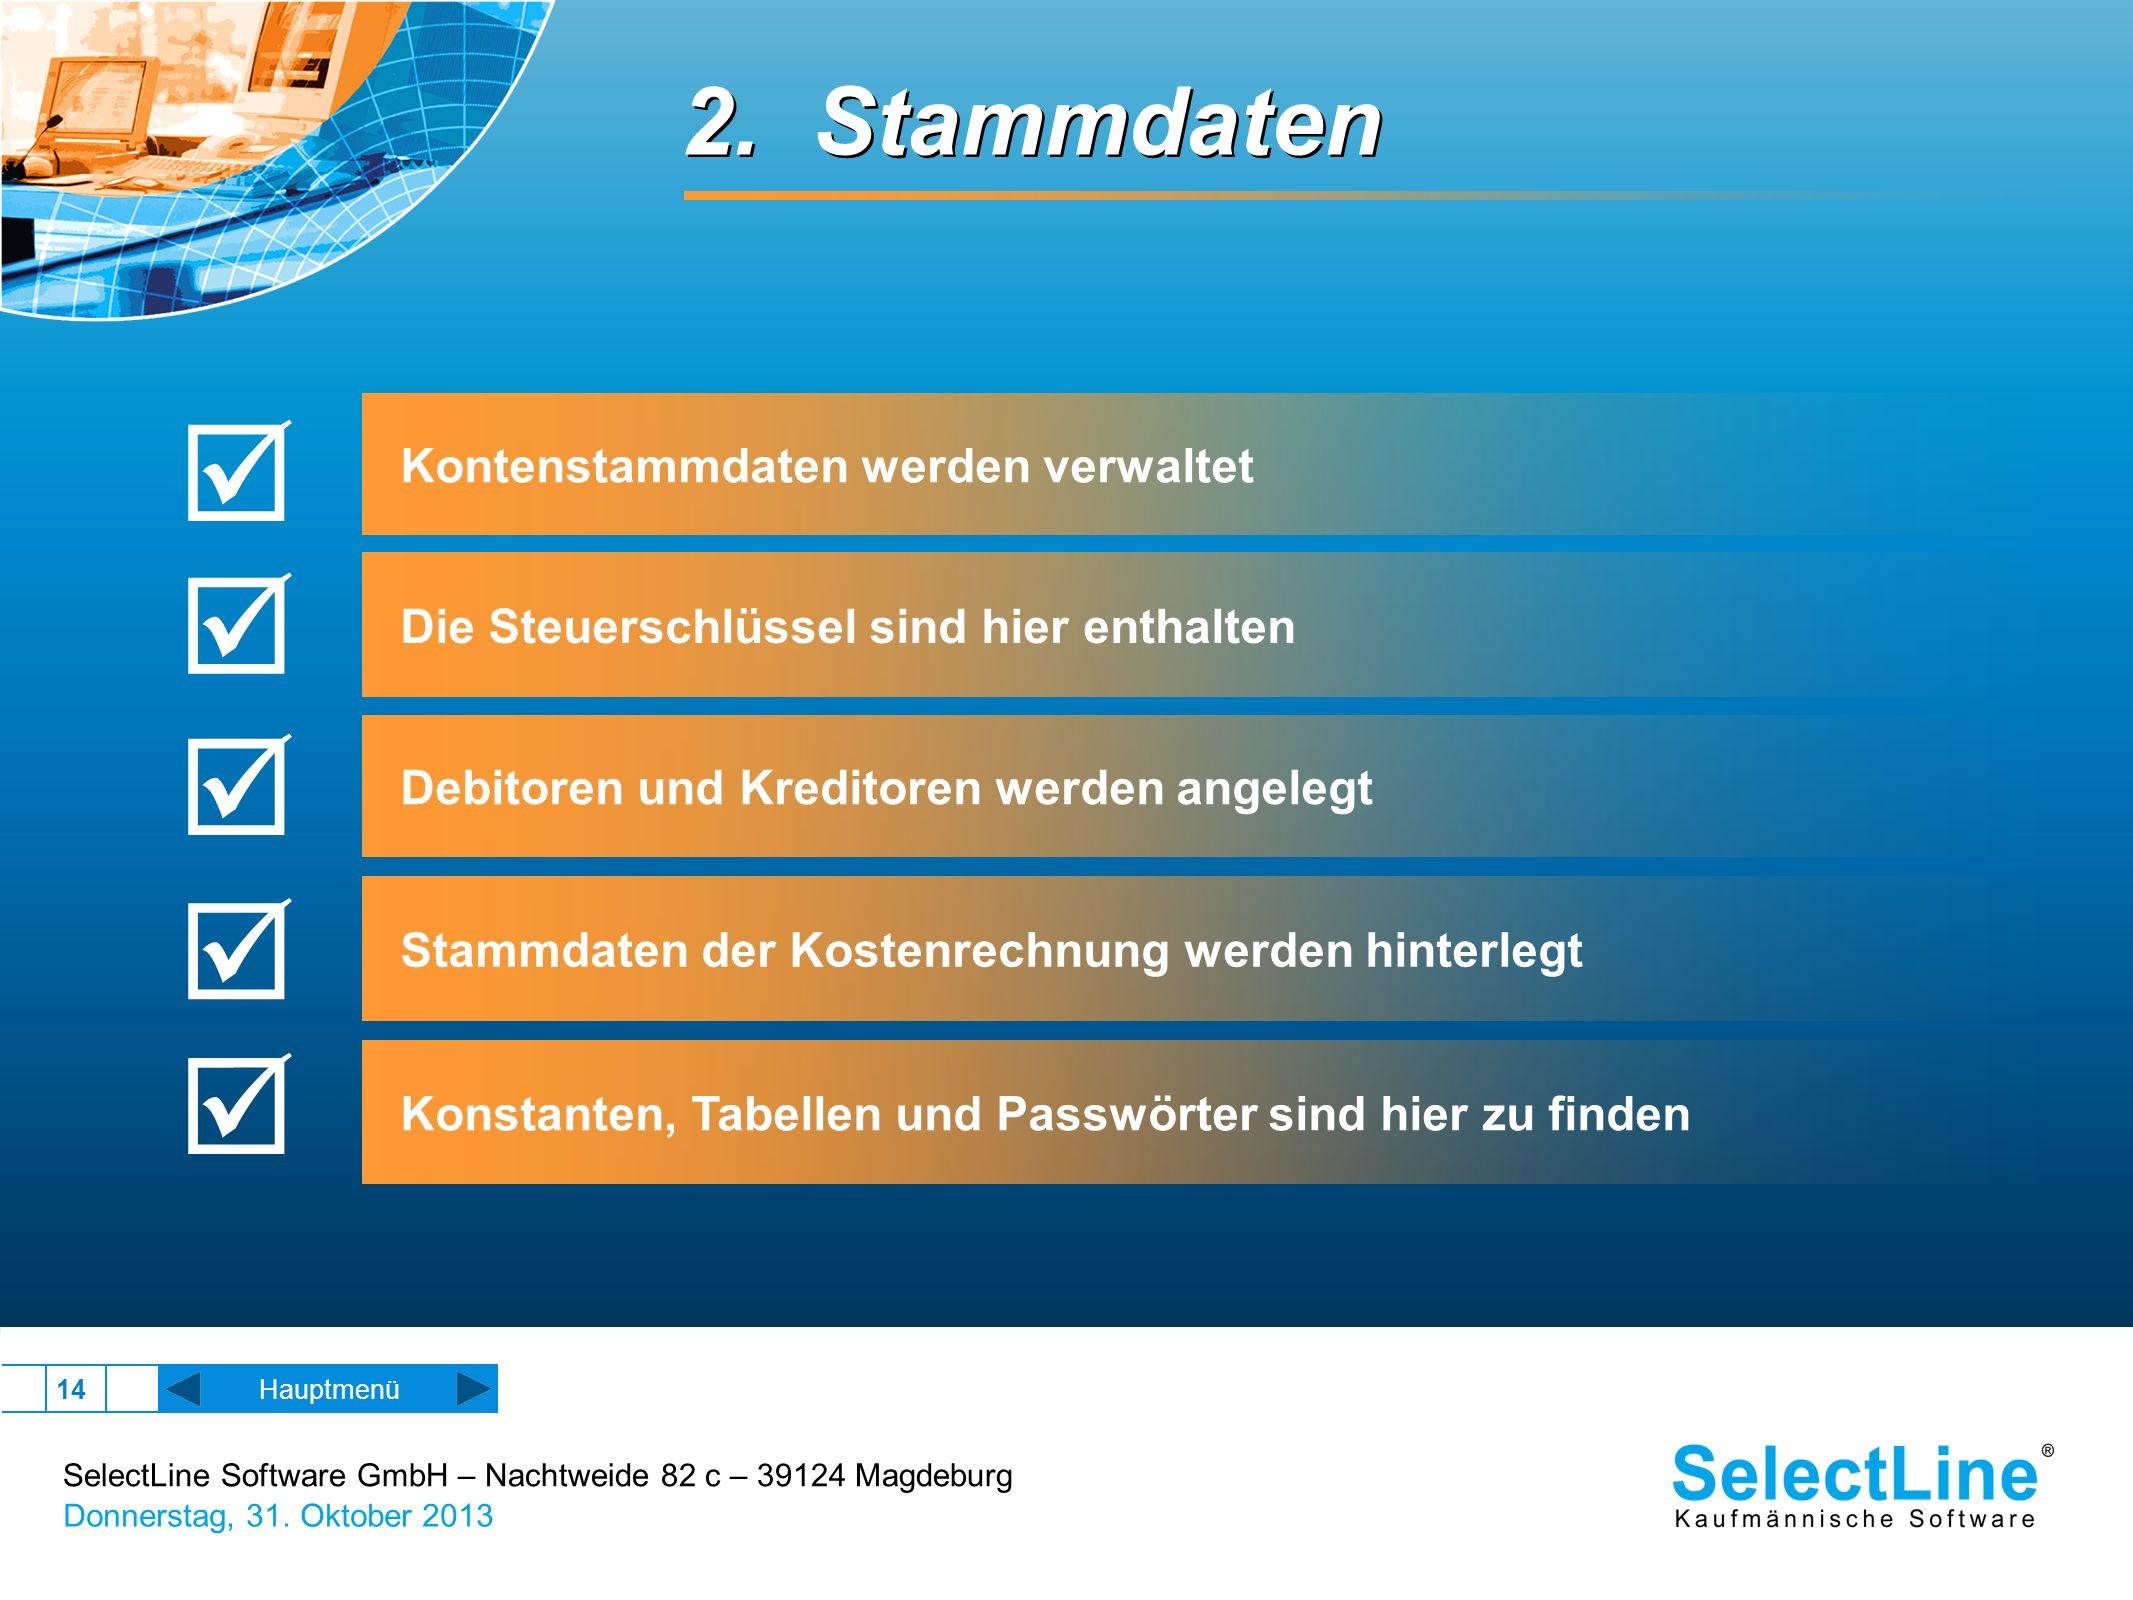 SelectLine Software GmbH – Nachtweide 82 c – 39124 Magdeburg Donnerstag, 31. Oktober 2013 14 2. Stammdaten Hauptmenü Kontenstammdaten werden verwaltet